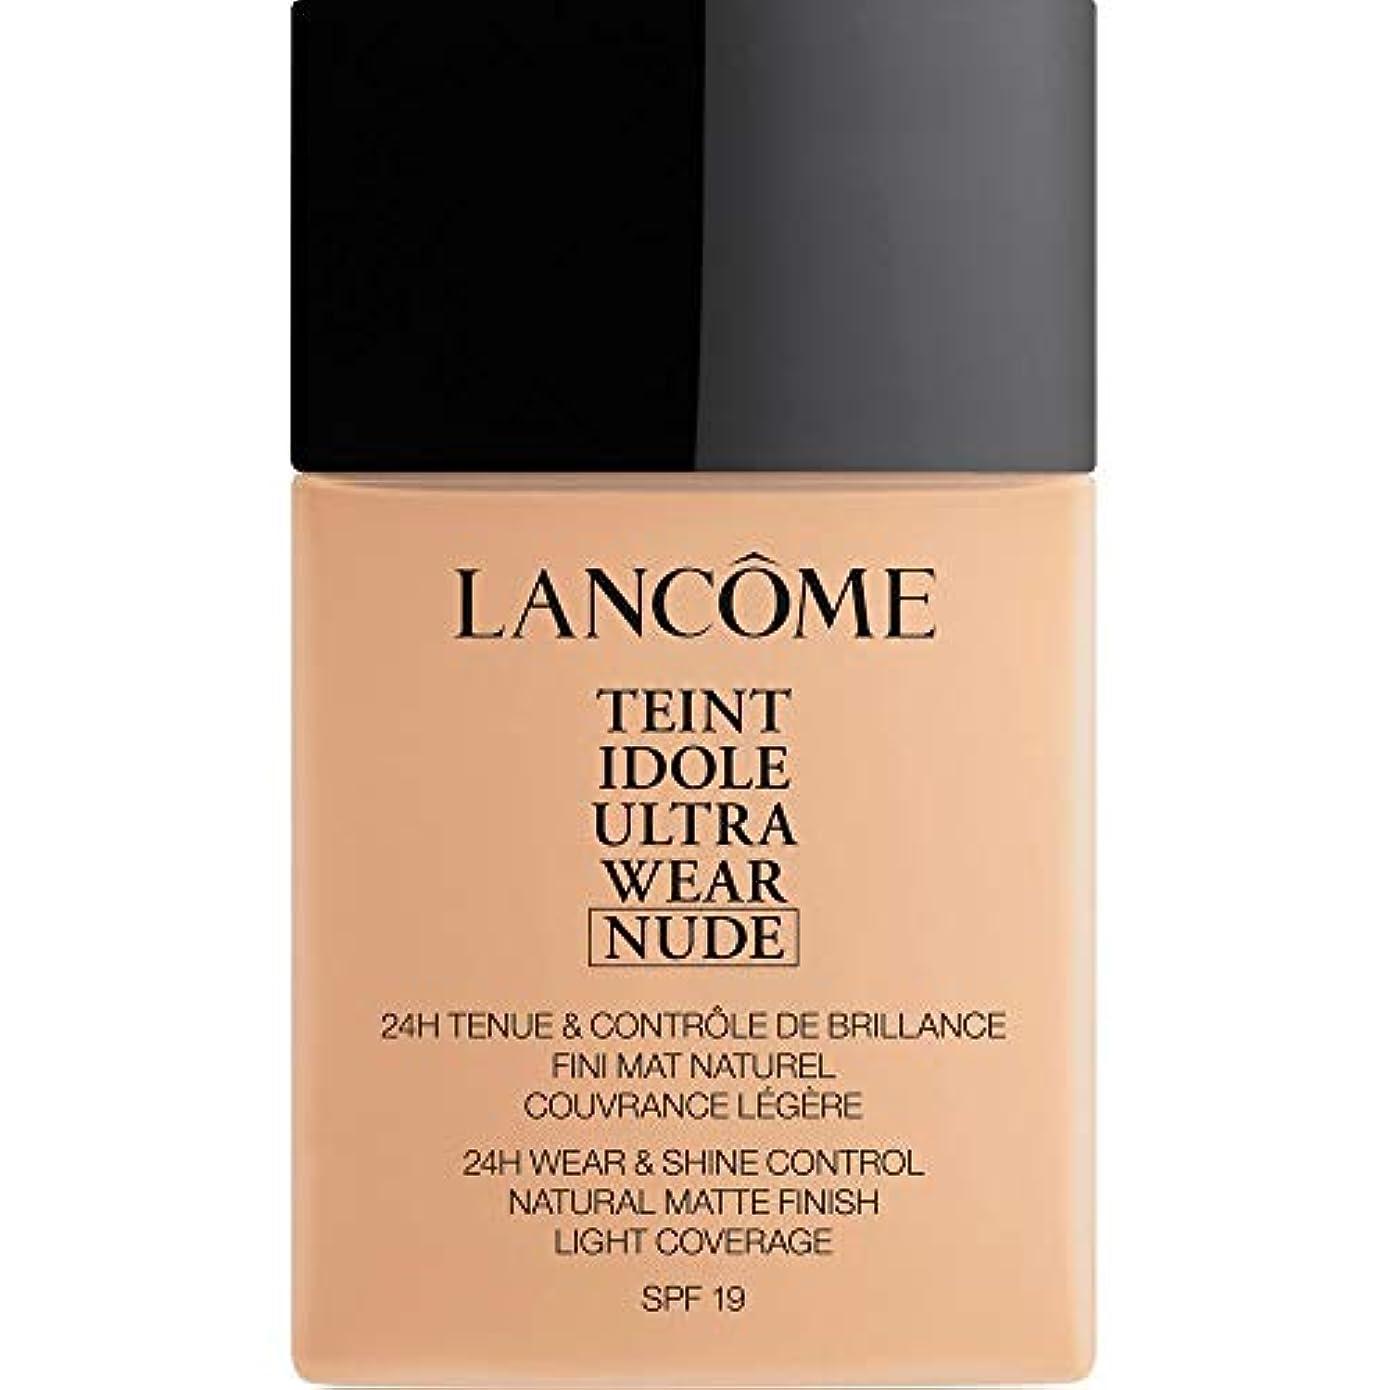 超高層ビル口頭ビルマ[Lanc?me ] ランコムTeintのIdole超摩耗ヌード財団Spf19の40ミリリットル021 - ベージュジャスミン - Lancome Teint Idole Ultra Wear Nude Foundation...